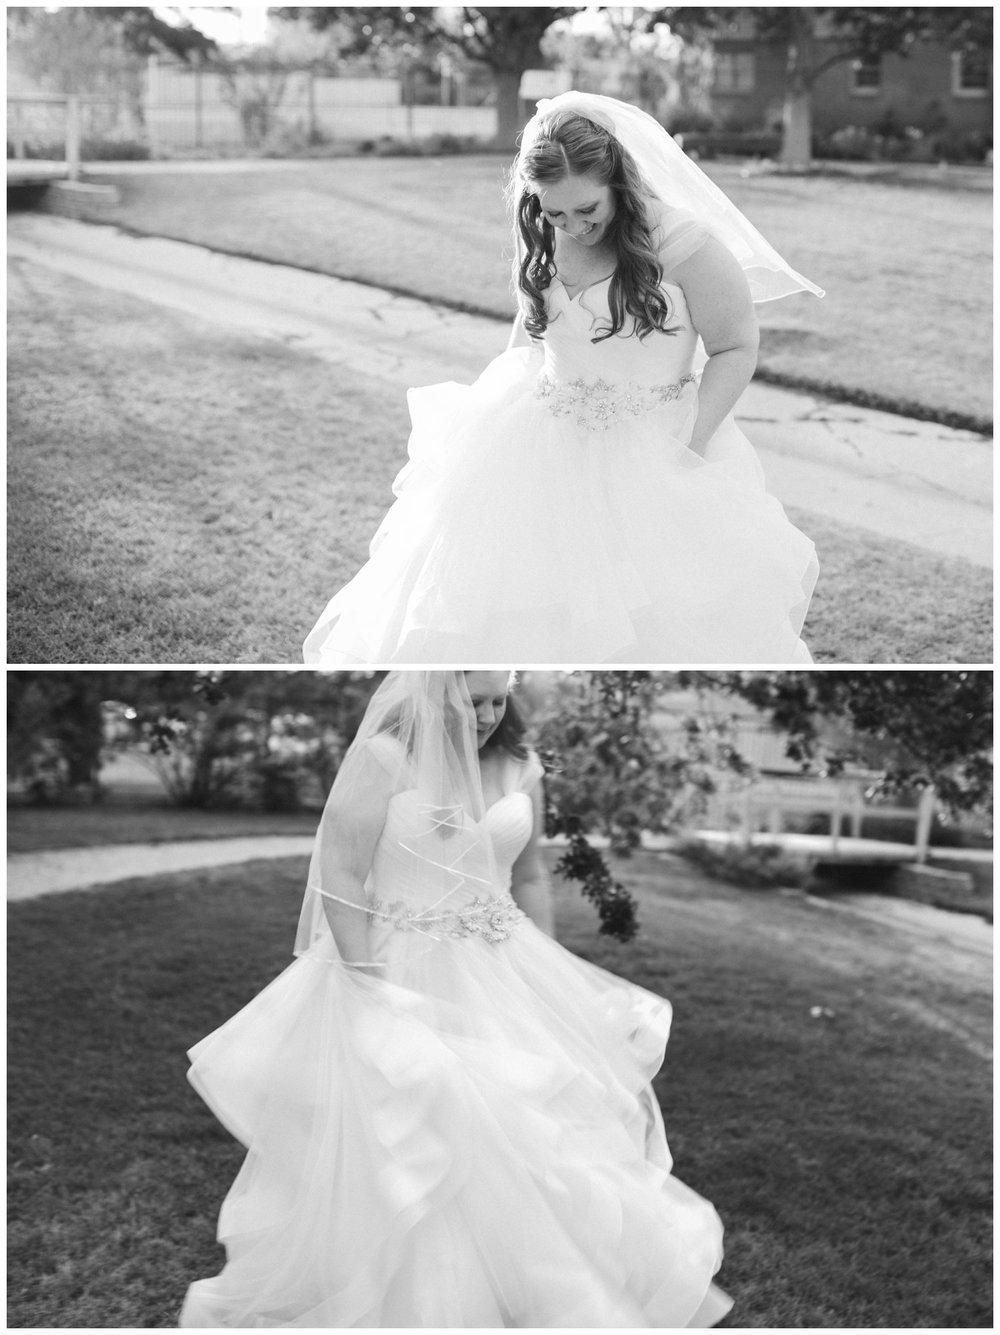 Kamie_Lubbock arboretum bridal portraits_46.jpg